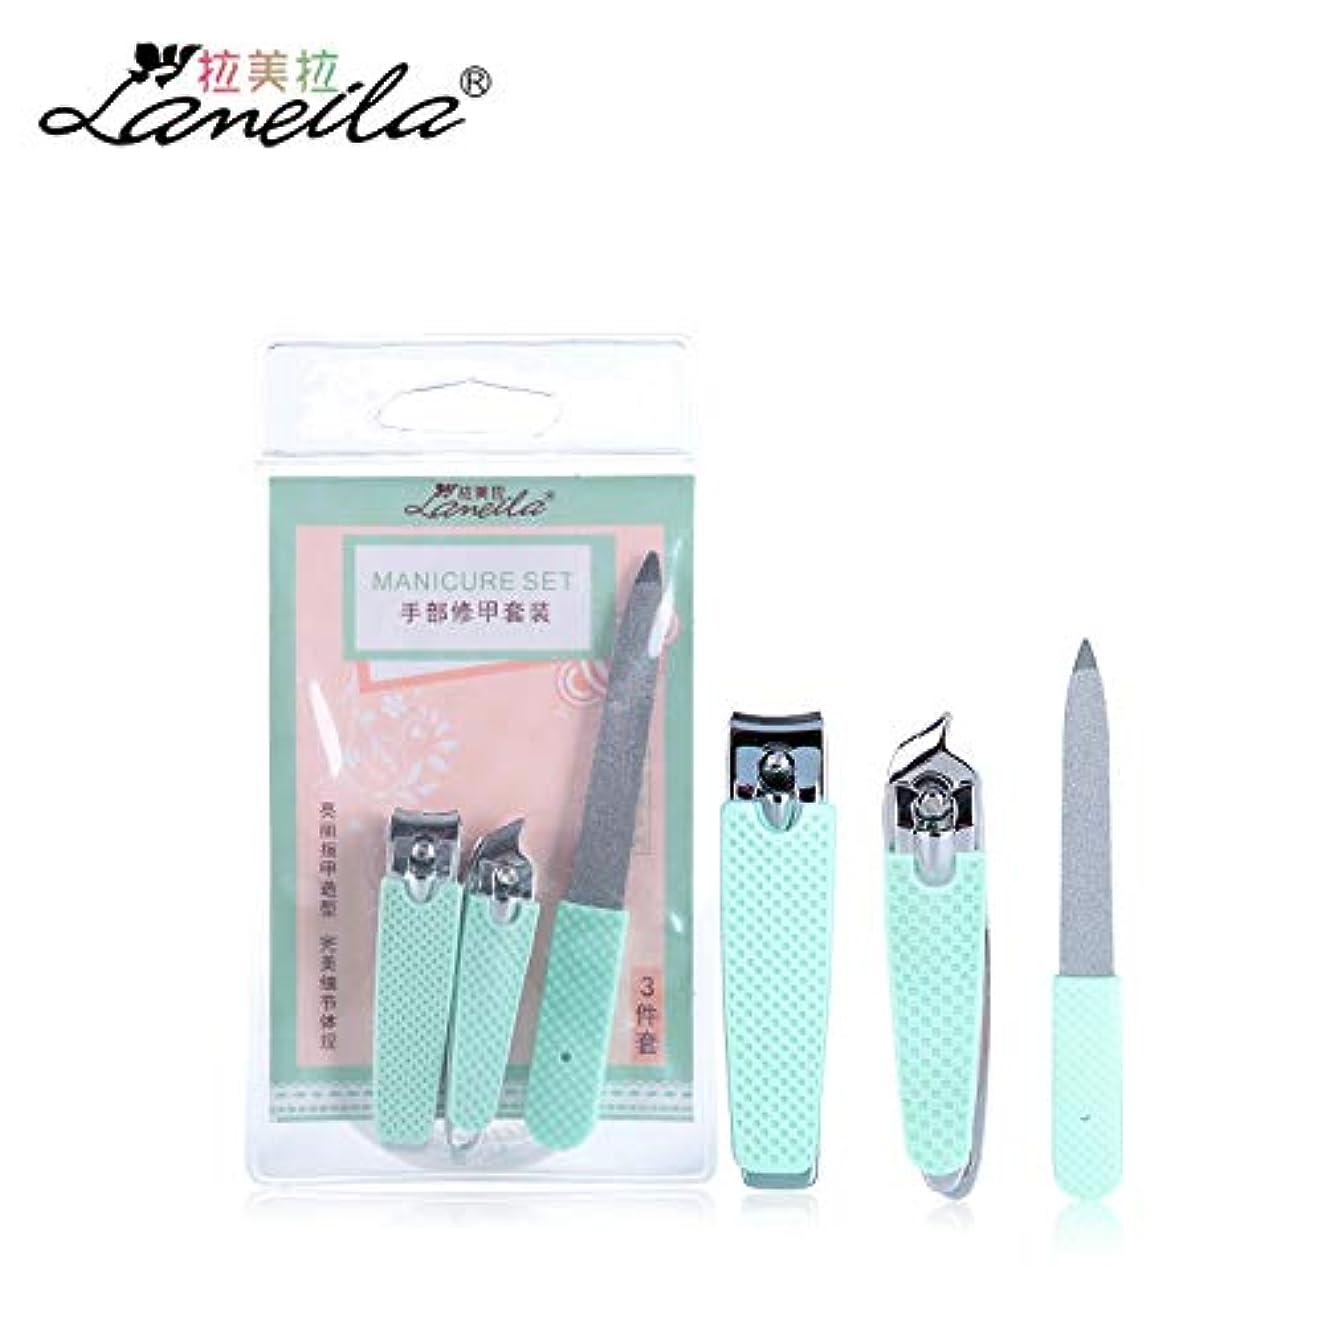 豊富に評価するとは異なりラテンアメリカのステンレス鋼の爪切りマニキュア爪切りマニキュアセット3個で毎日使用するためのセットC0171